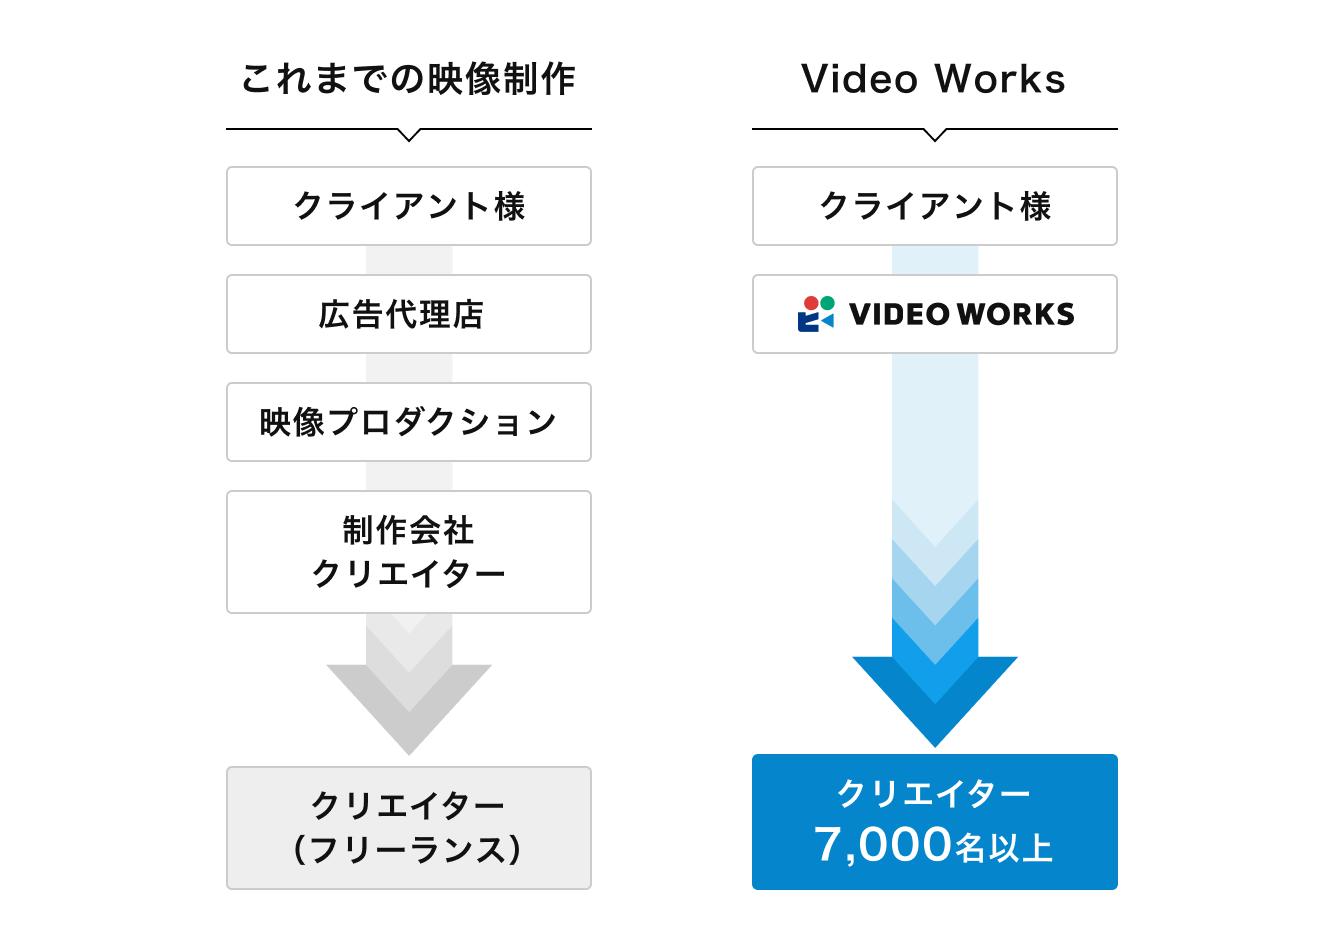 VideoWorksはクリエイター7,000名以上